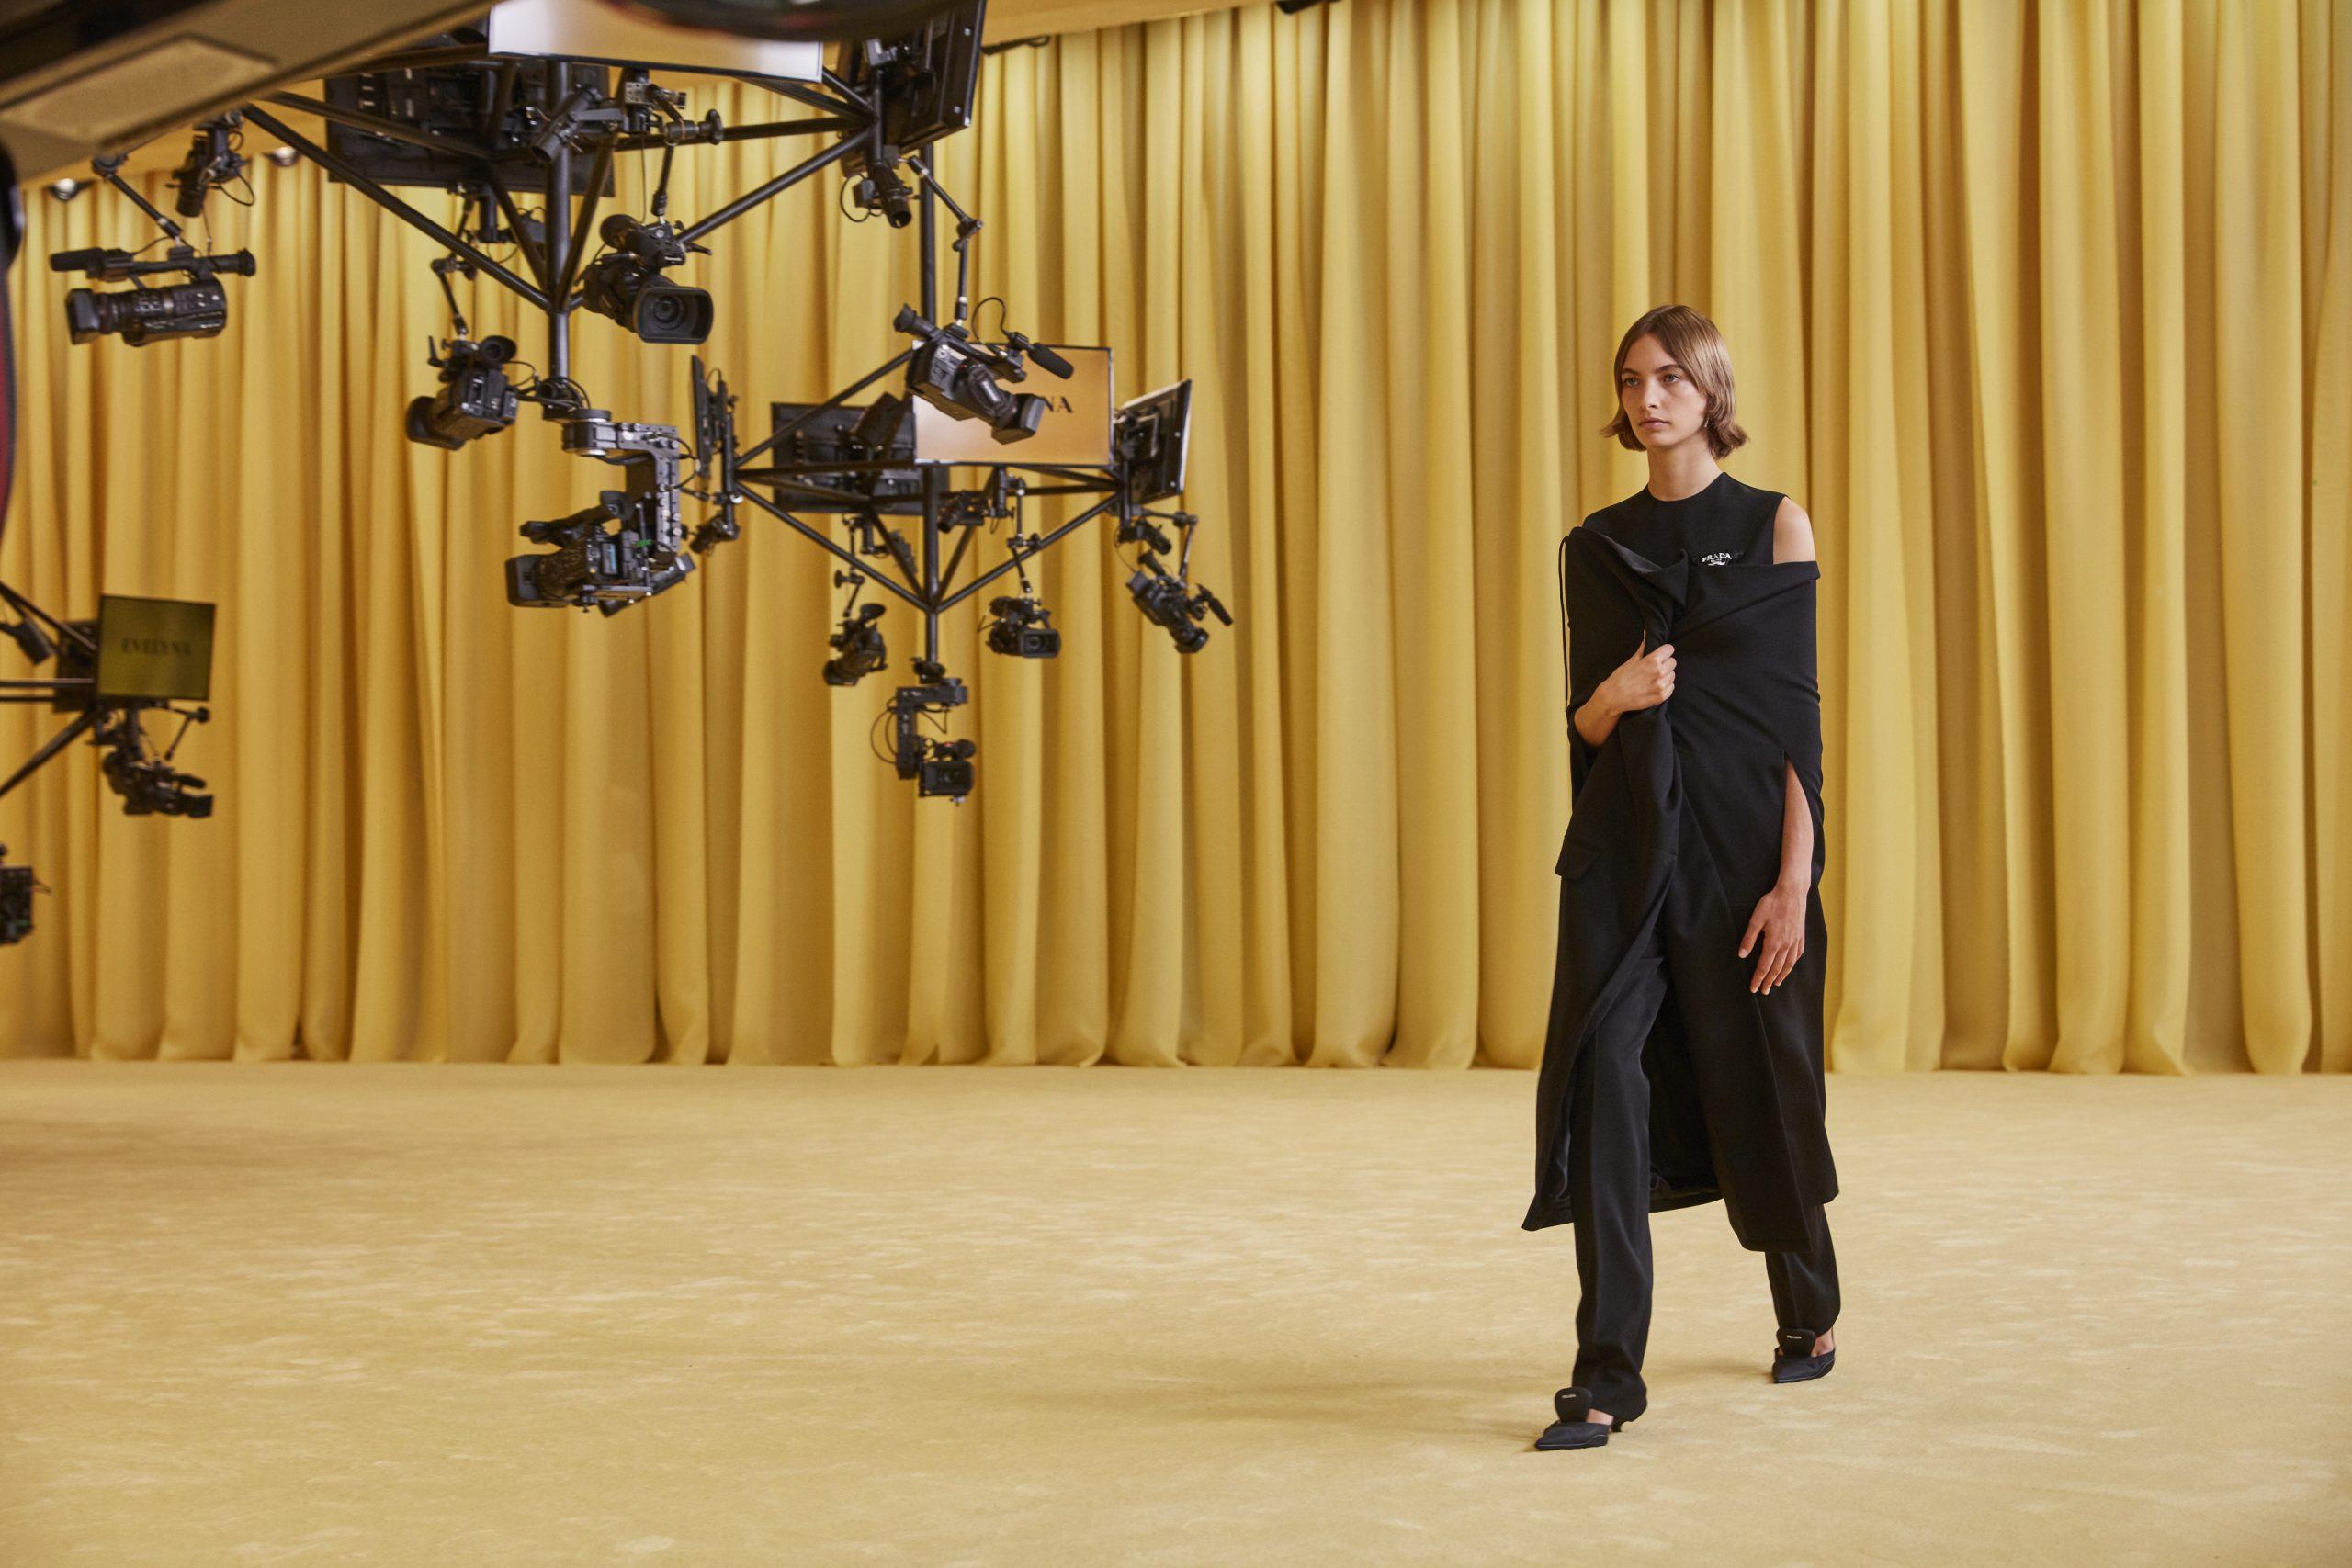 Готові до діалогу: перша спільна колекція Міуччі Пради і Рафа Сімонса для Prada